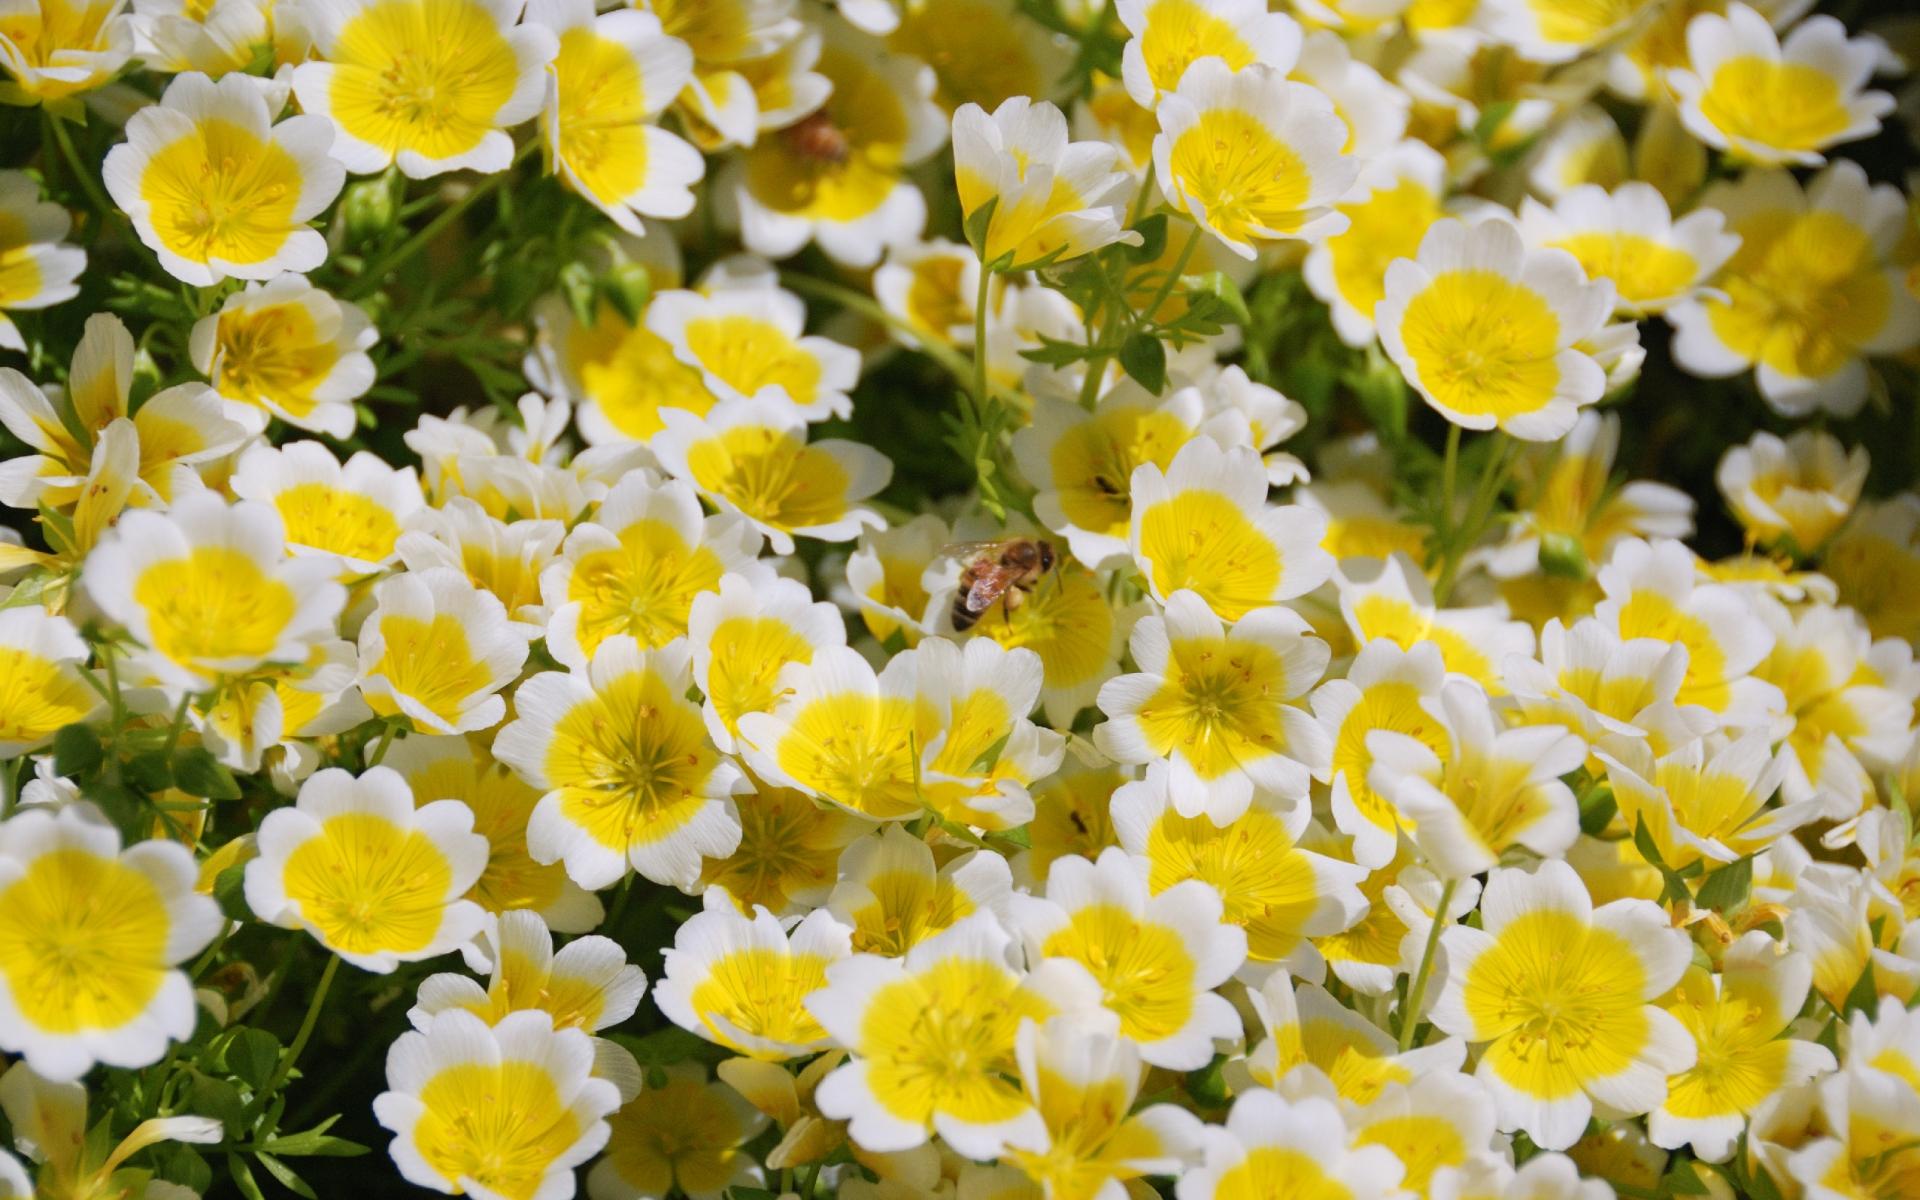 Полевые Цветы Изображения  Pixabay  Скачать бесплатные